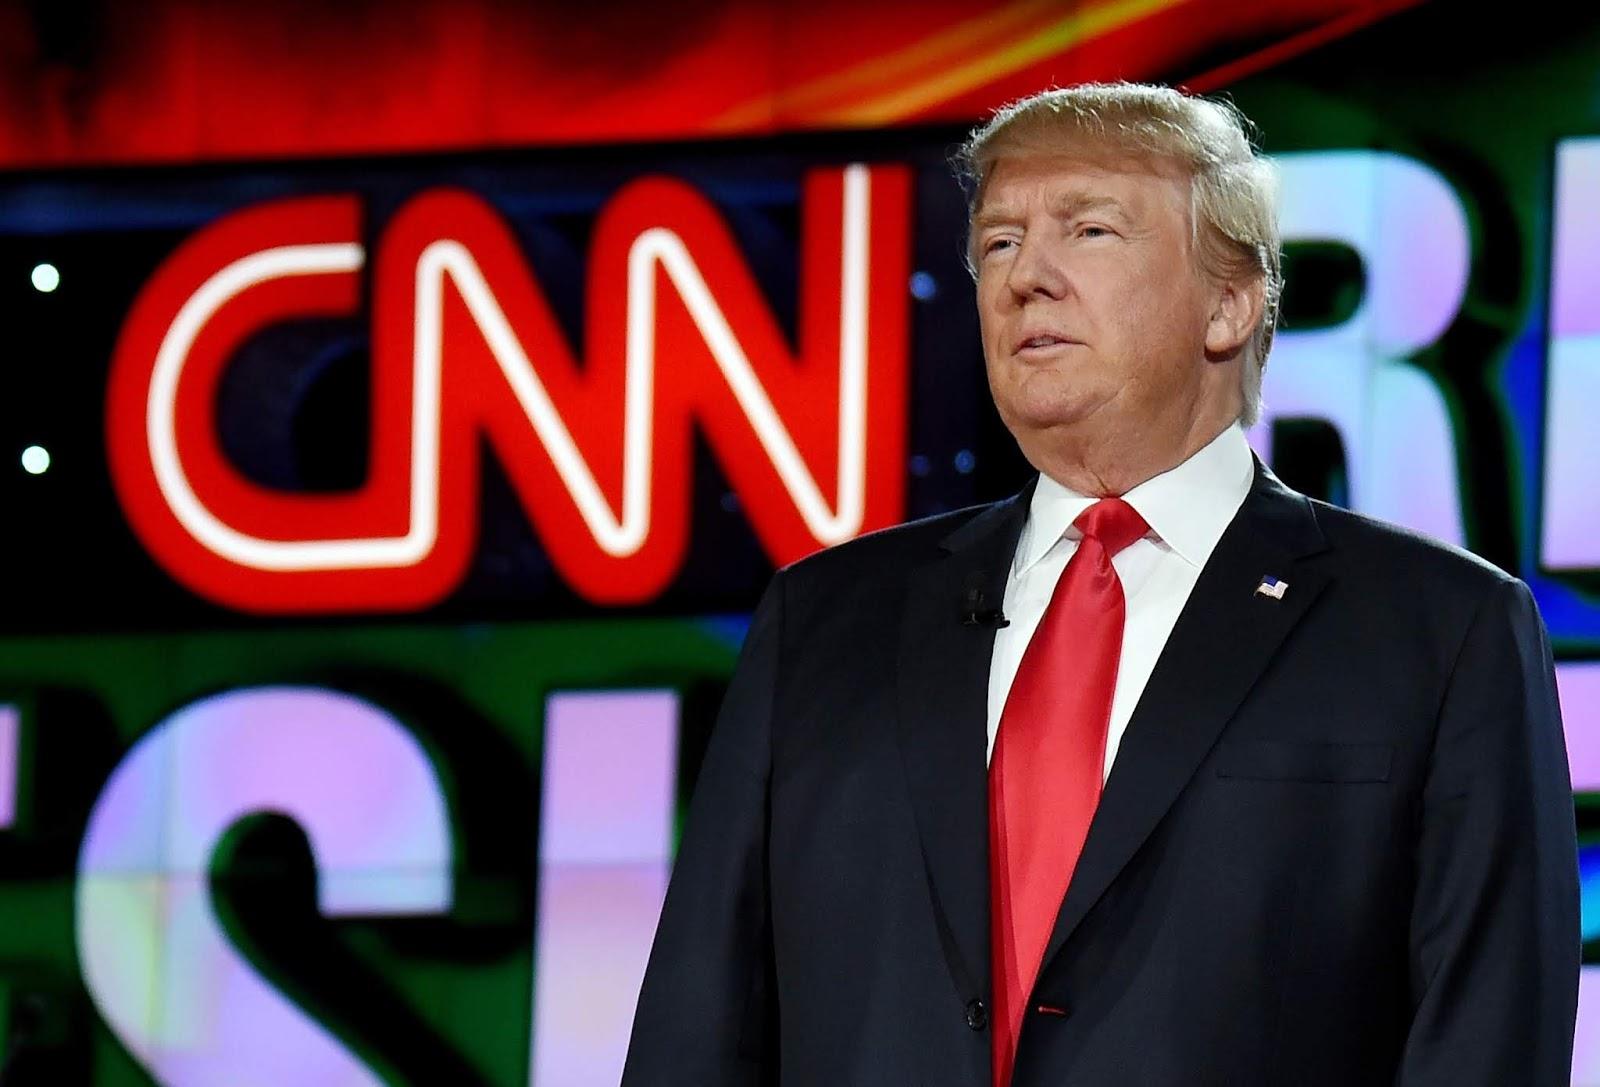 CNN Update: War News Updates: CNN Poll: Overwhelming Majority Of